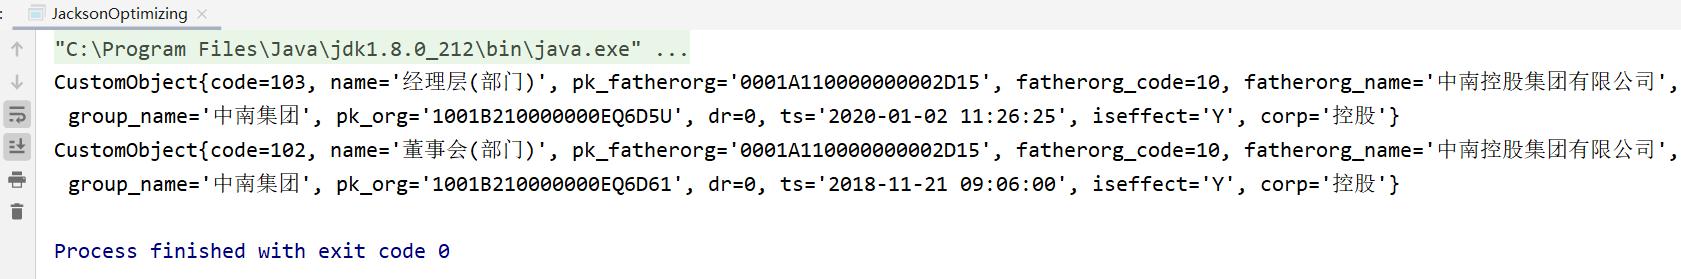 聊一聊JSON解析之树模型思想